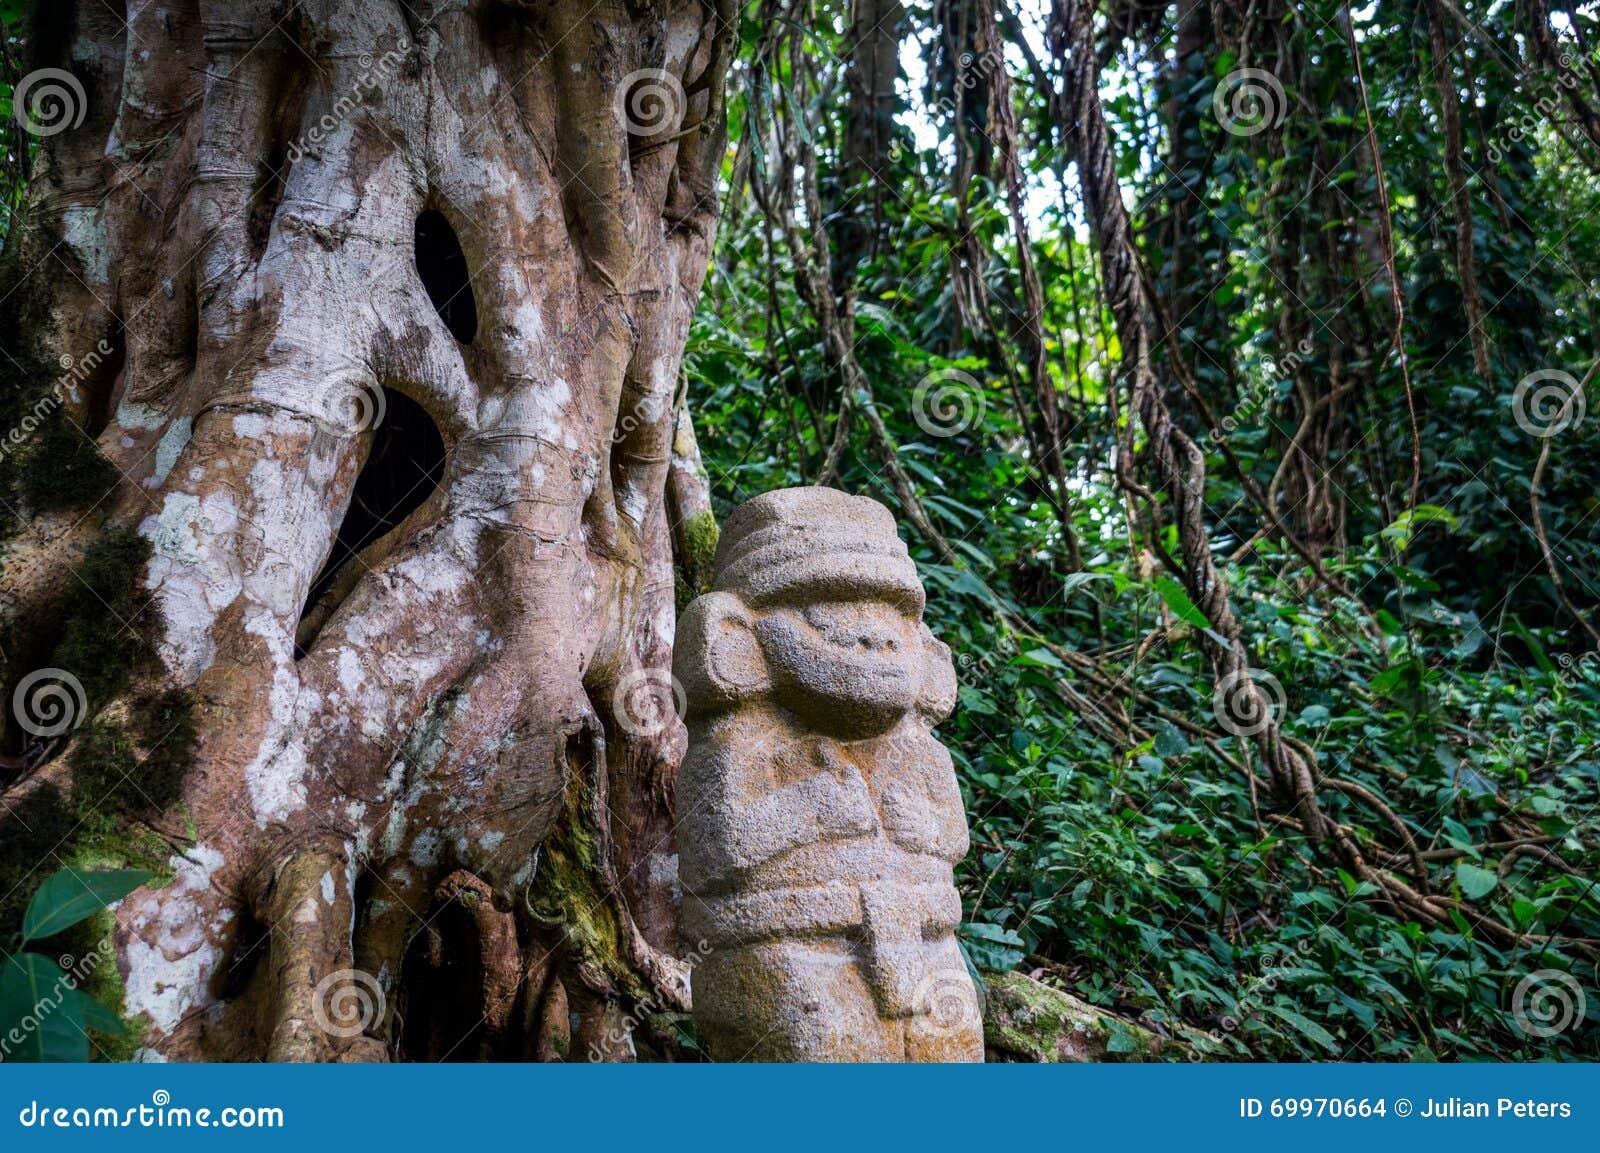 Statue im Regenwald in San Agustin